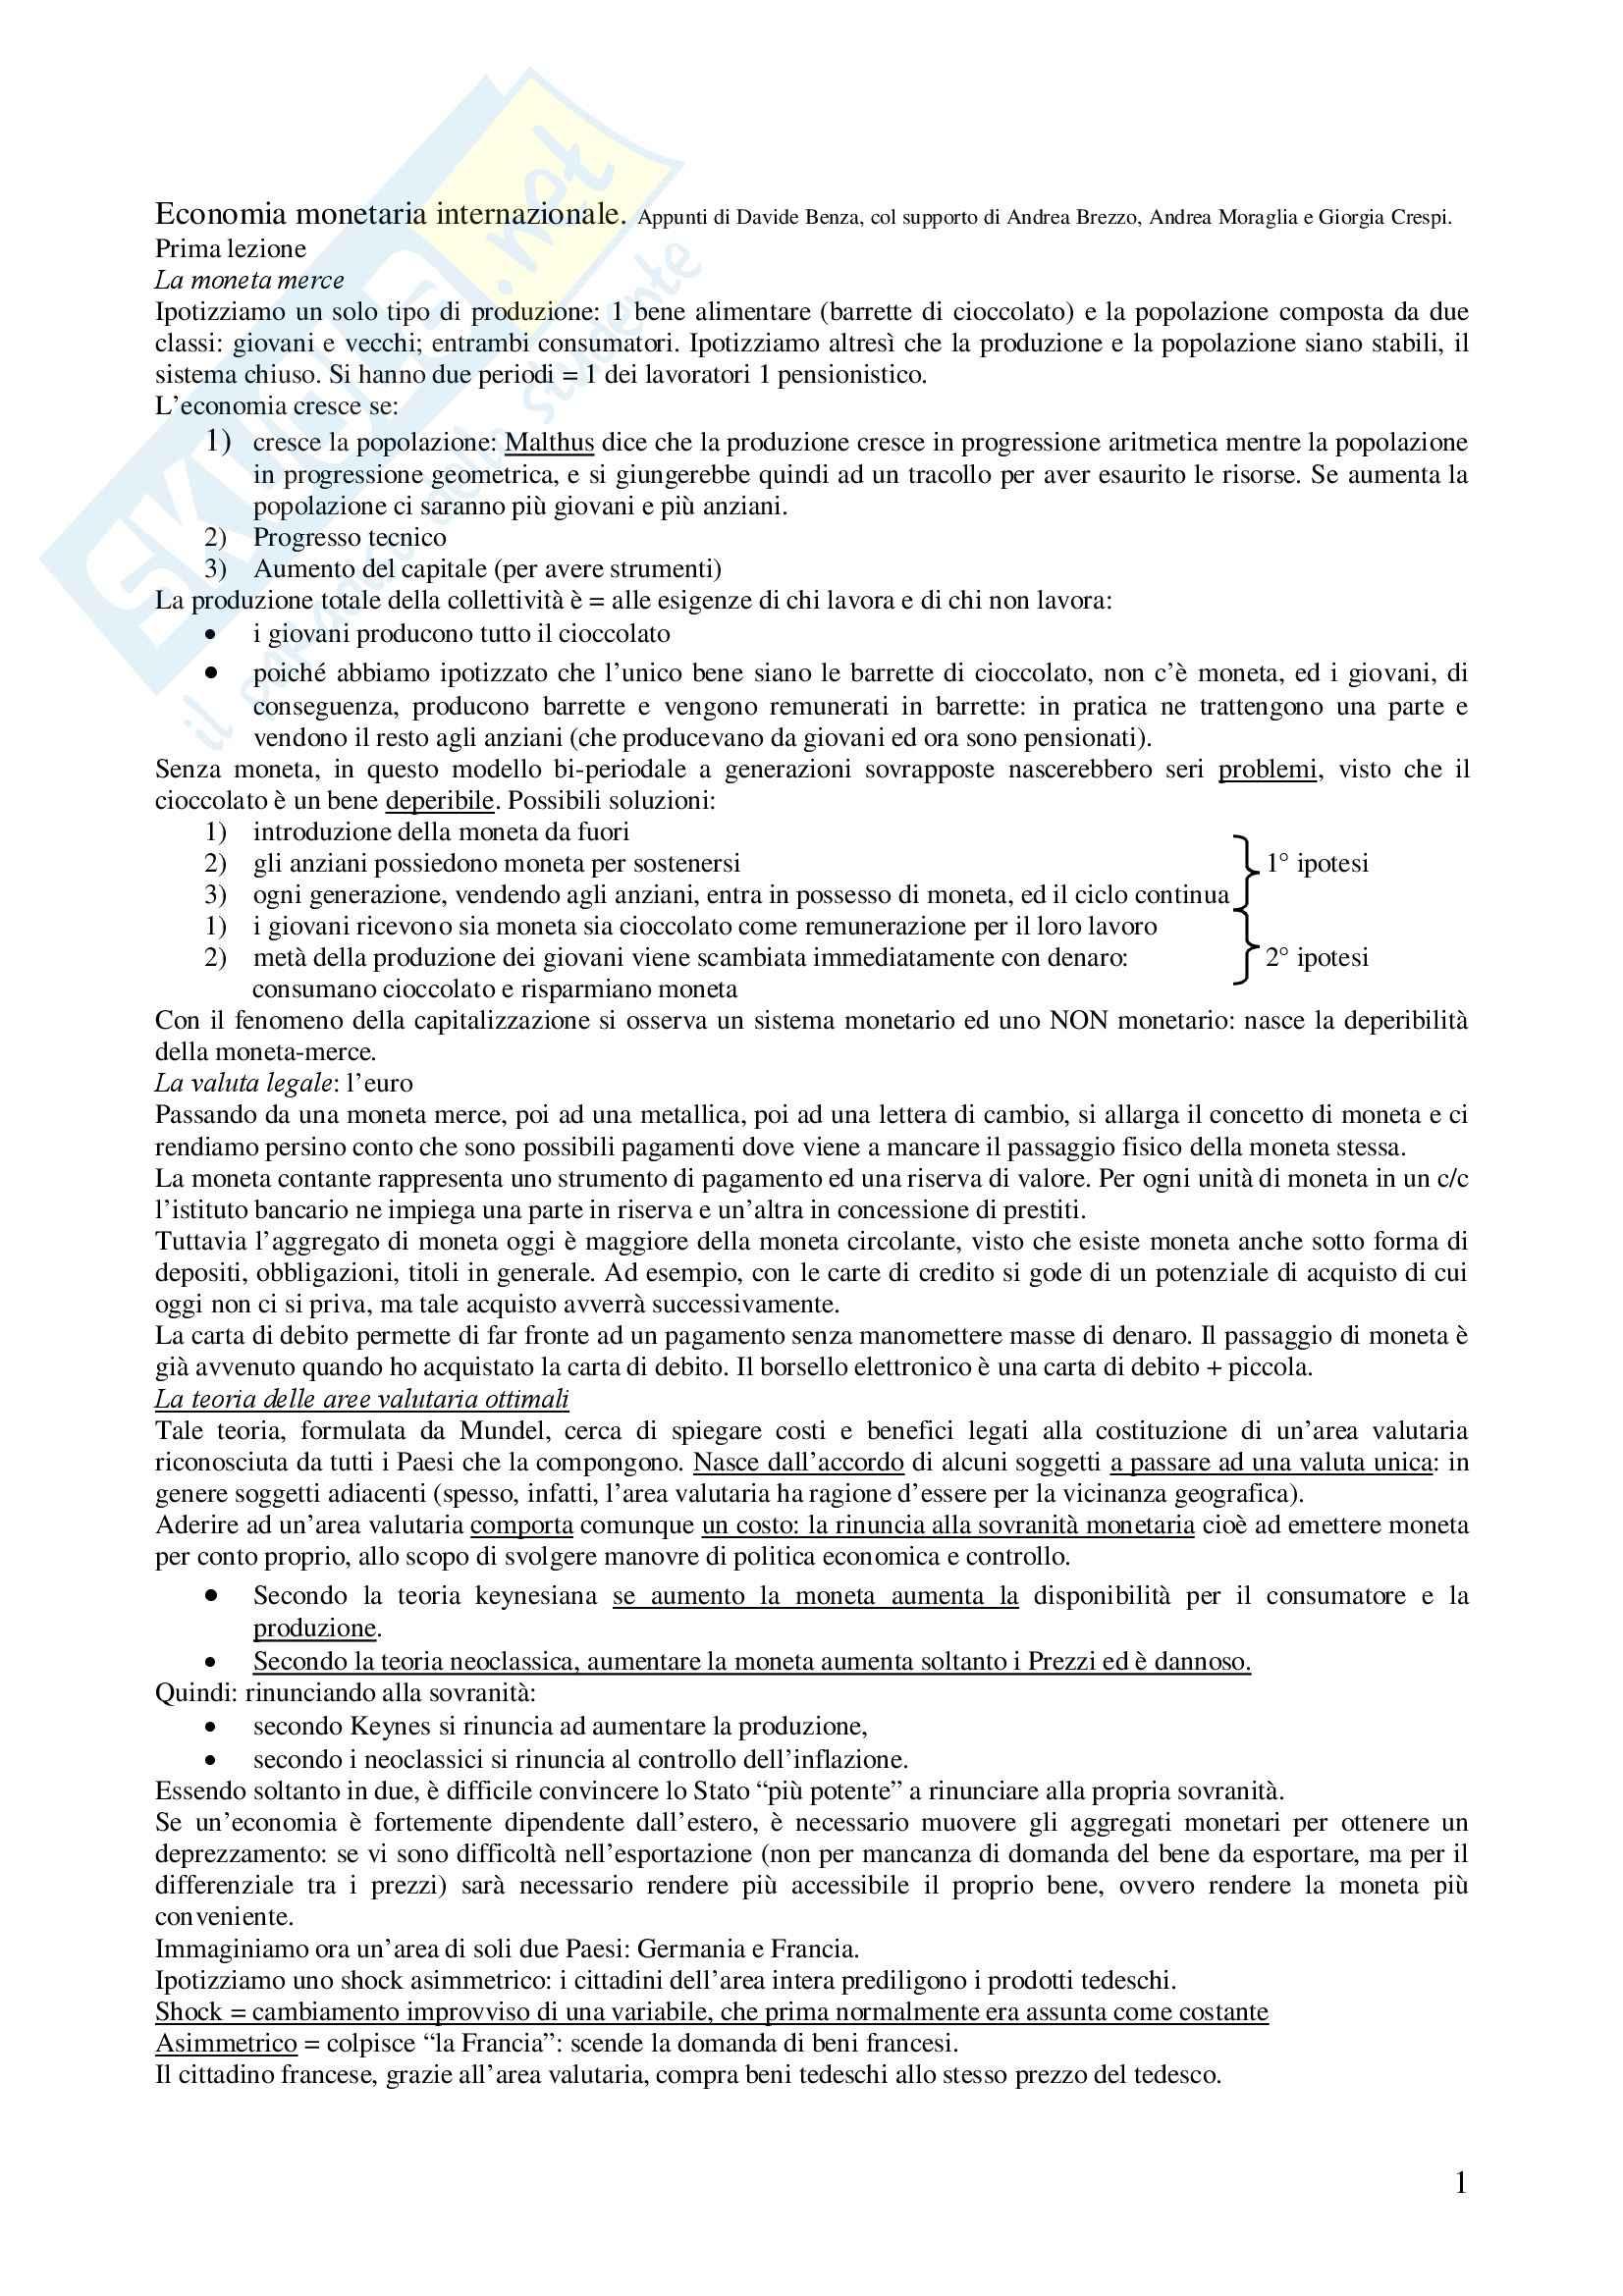 Economia monetaria internazionale - Appunti